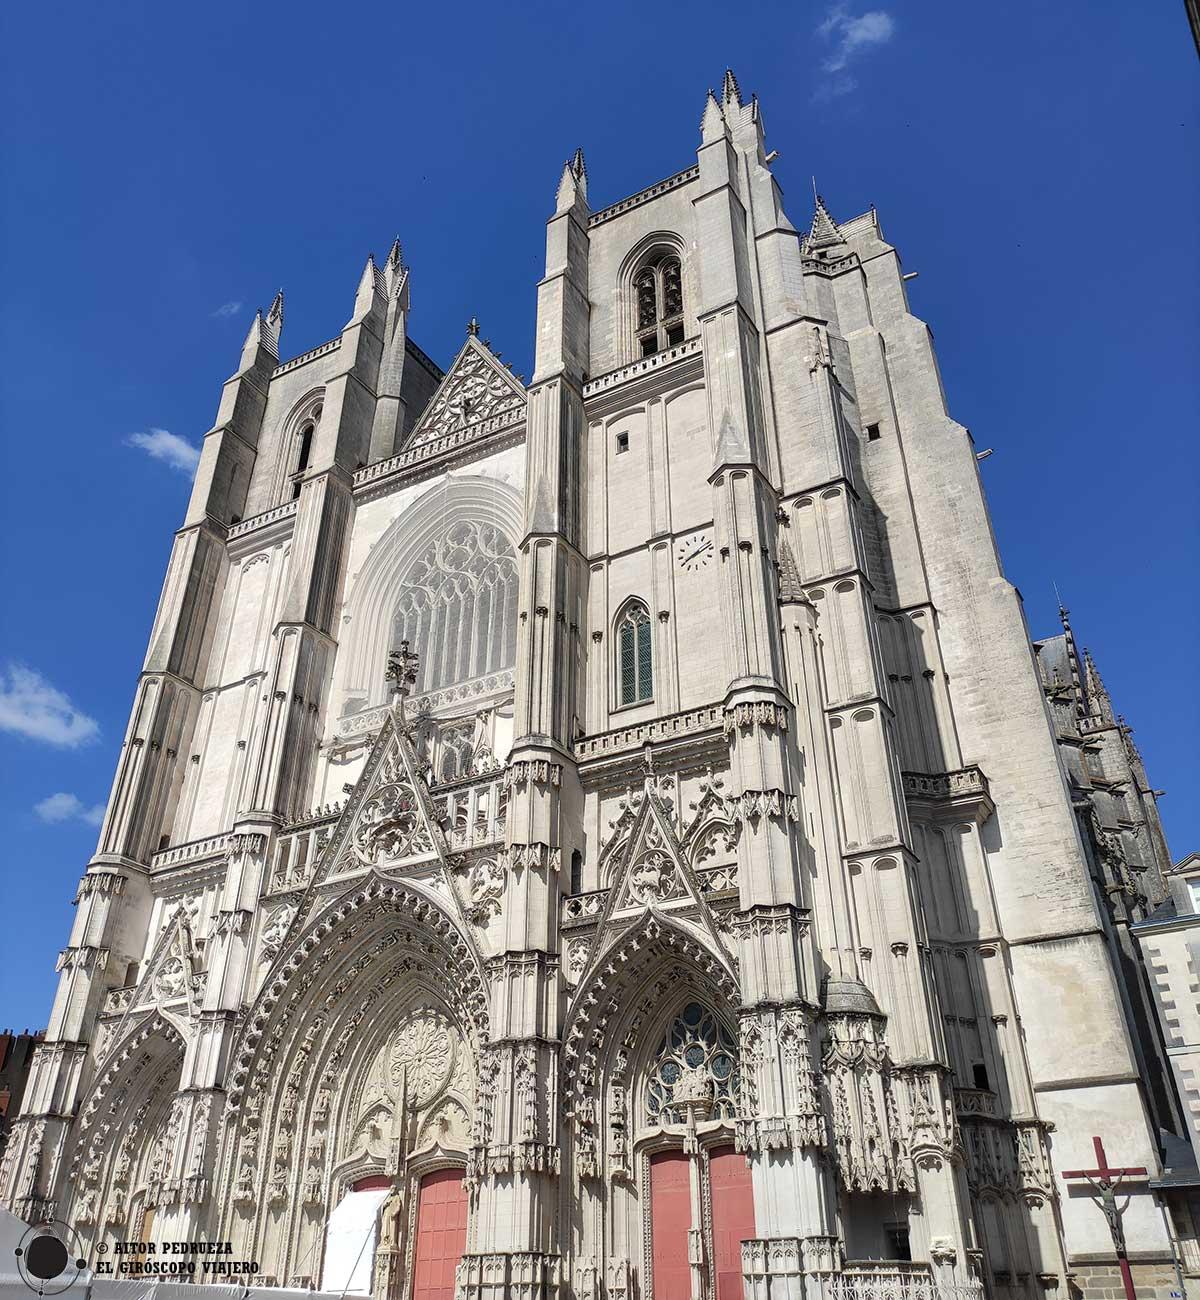 La Catedral de San Pedro y San Pablo de Nantes